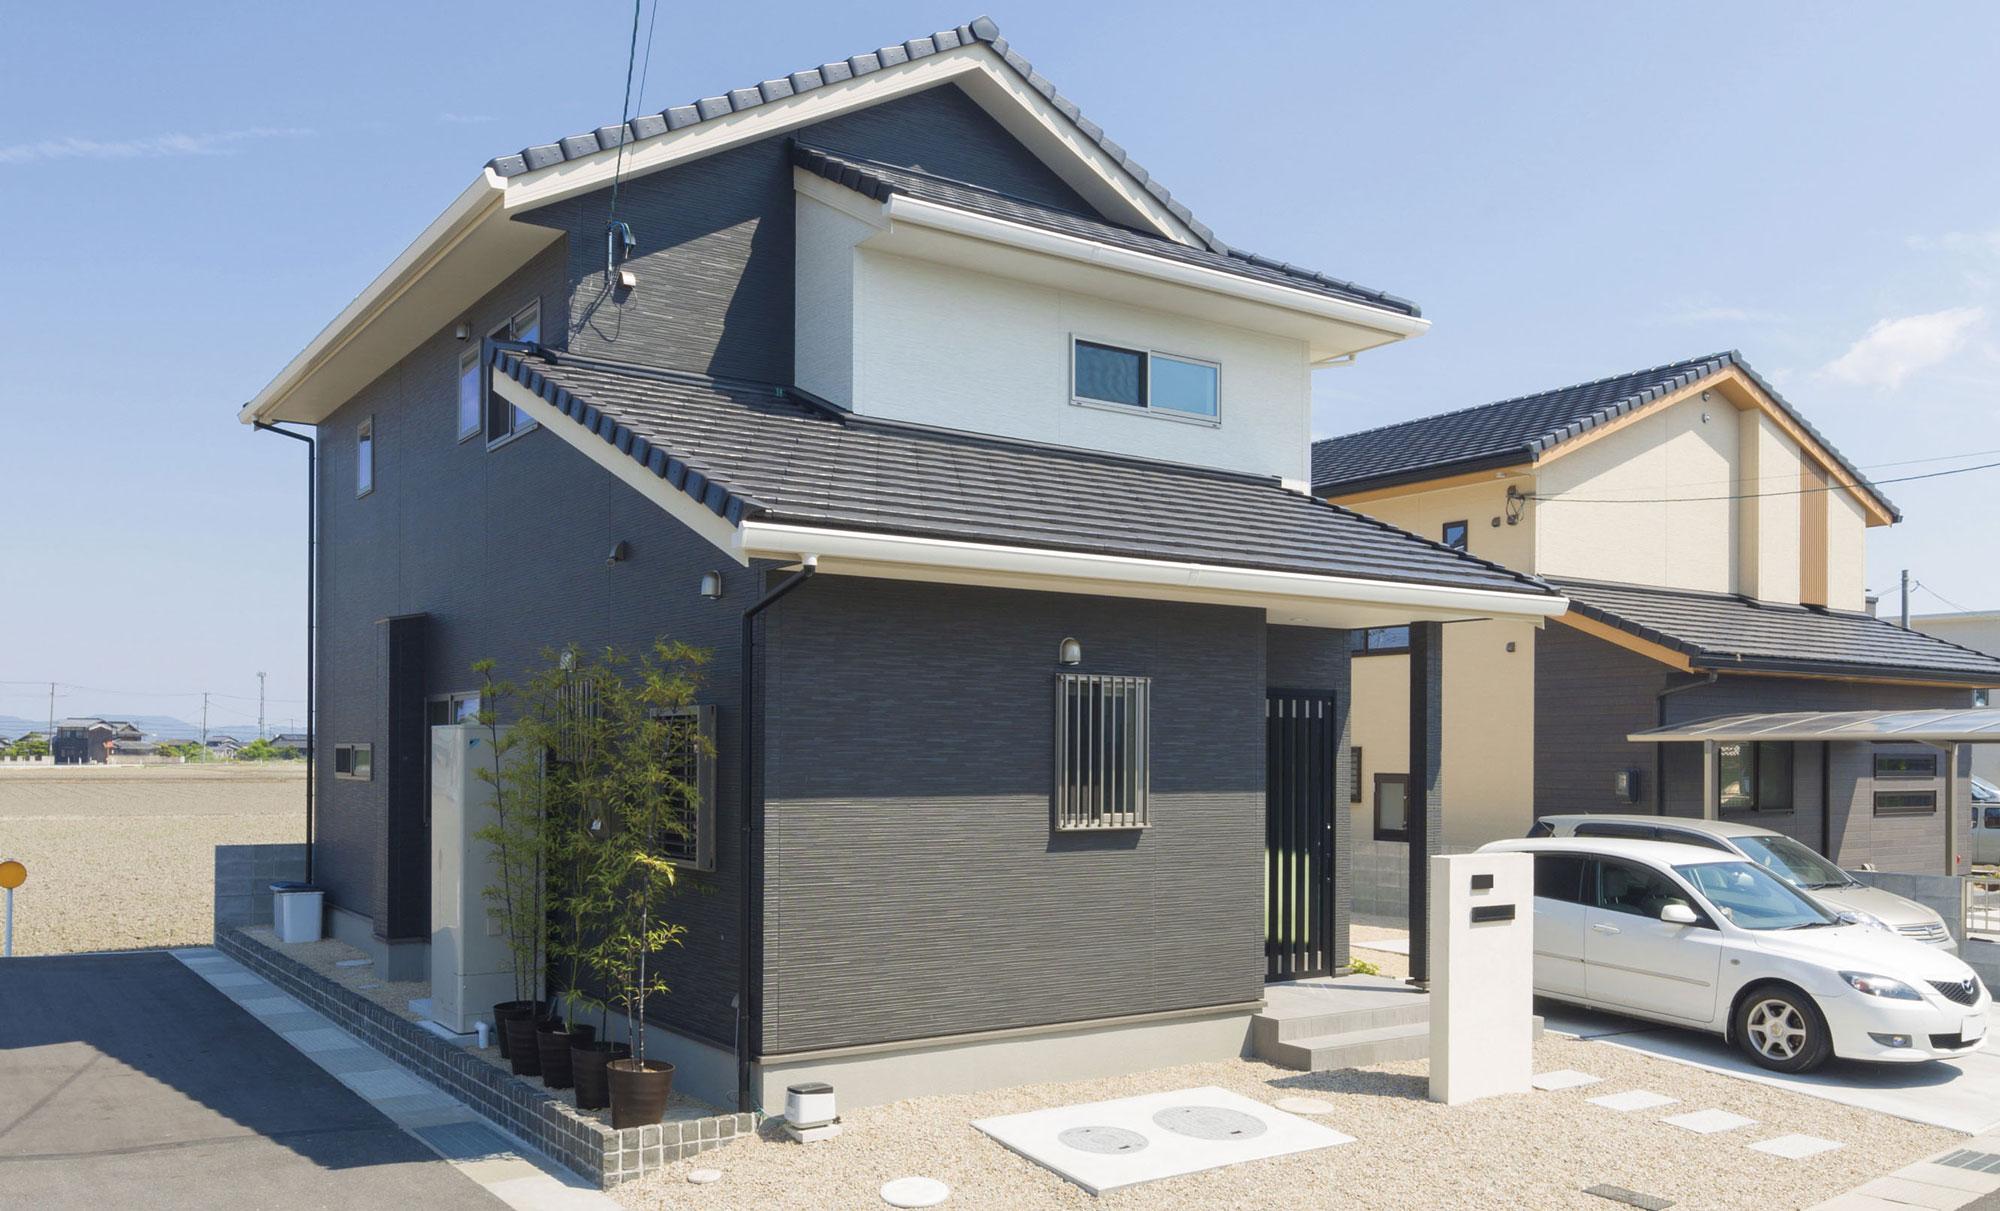 和の落ち着きと清々しさをモダンな住いに表現した家 イメージ